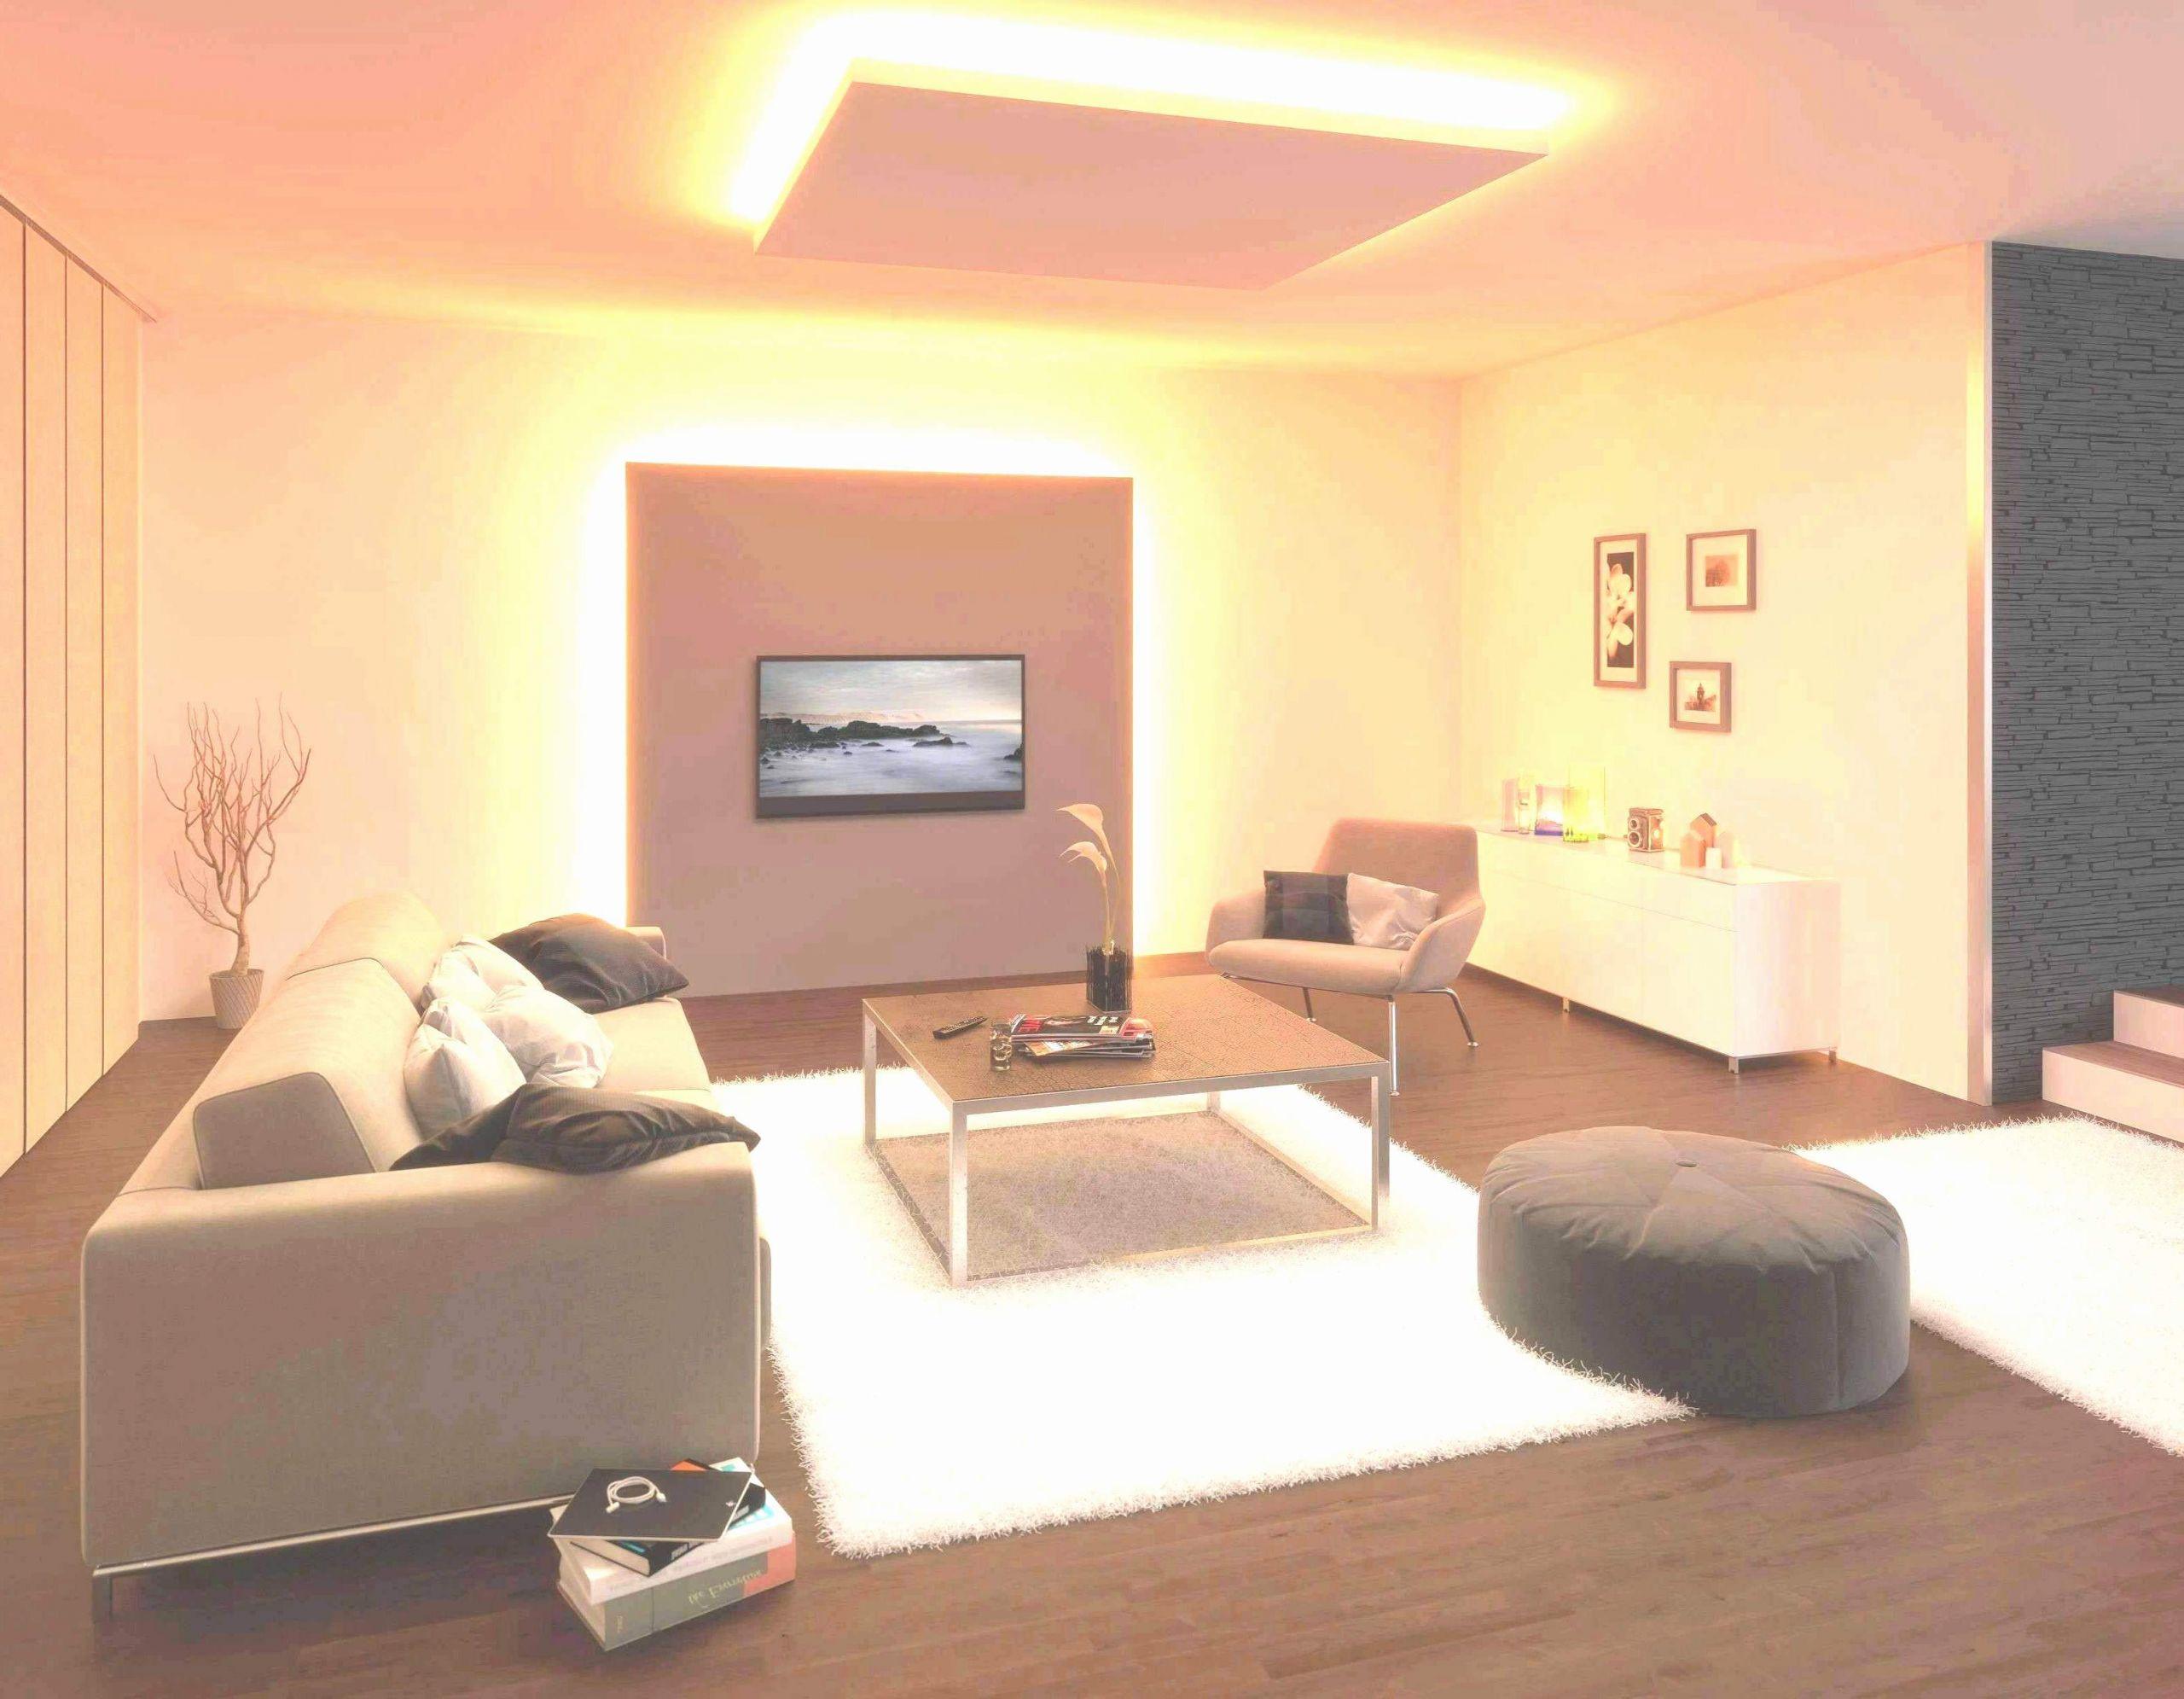 Full Size of Wohnzimmer Decken Beispiel Wohnzimmer Decken Aus Rigips Wohnzimmer Decken Paneele Moderne Wohnzimmer Decken Wohnzimmer Wohnzimmer Decken